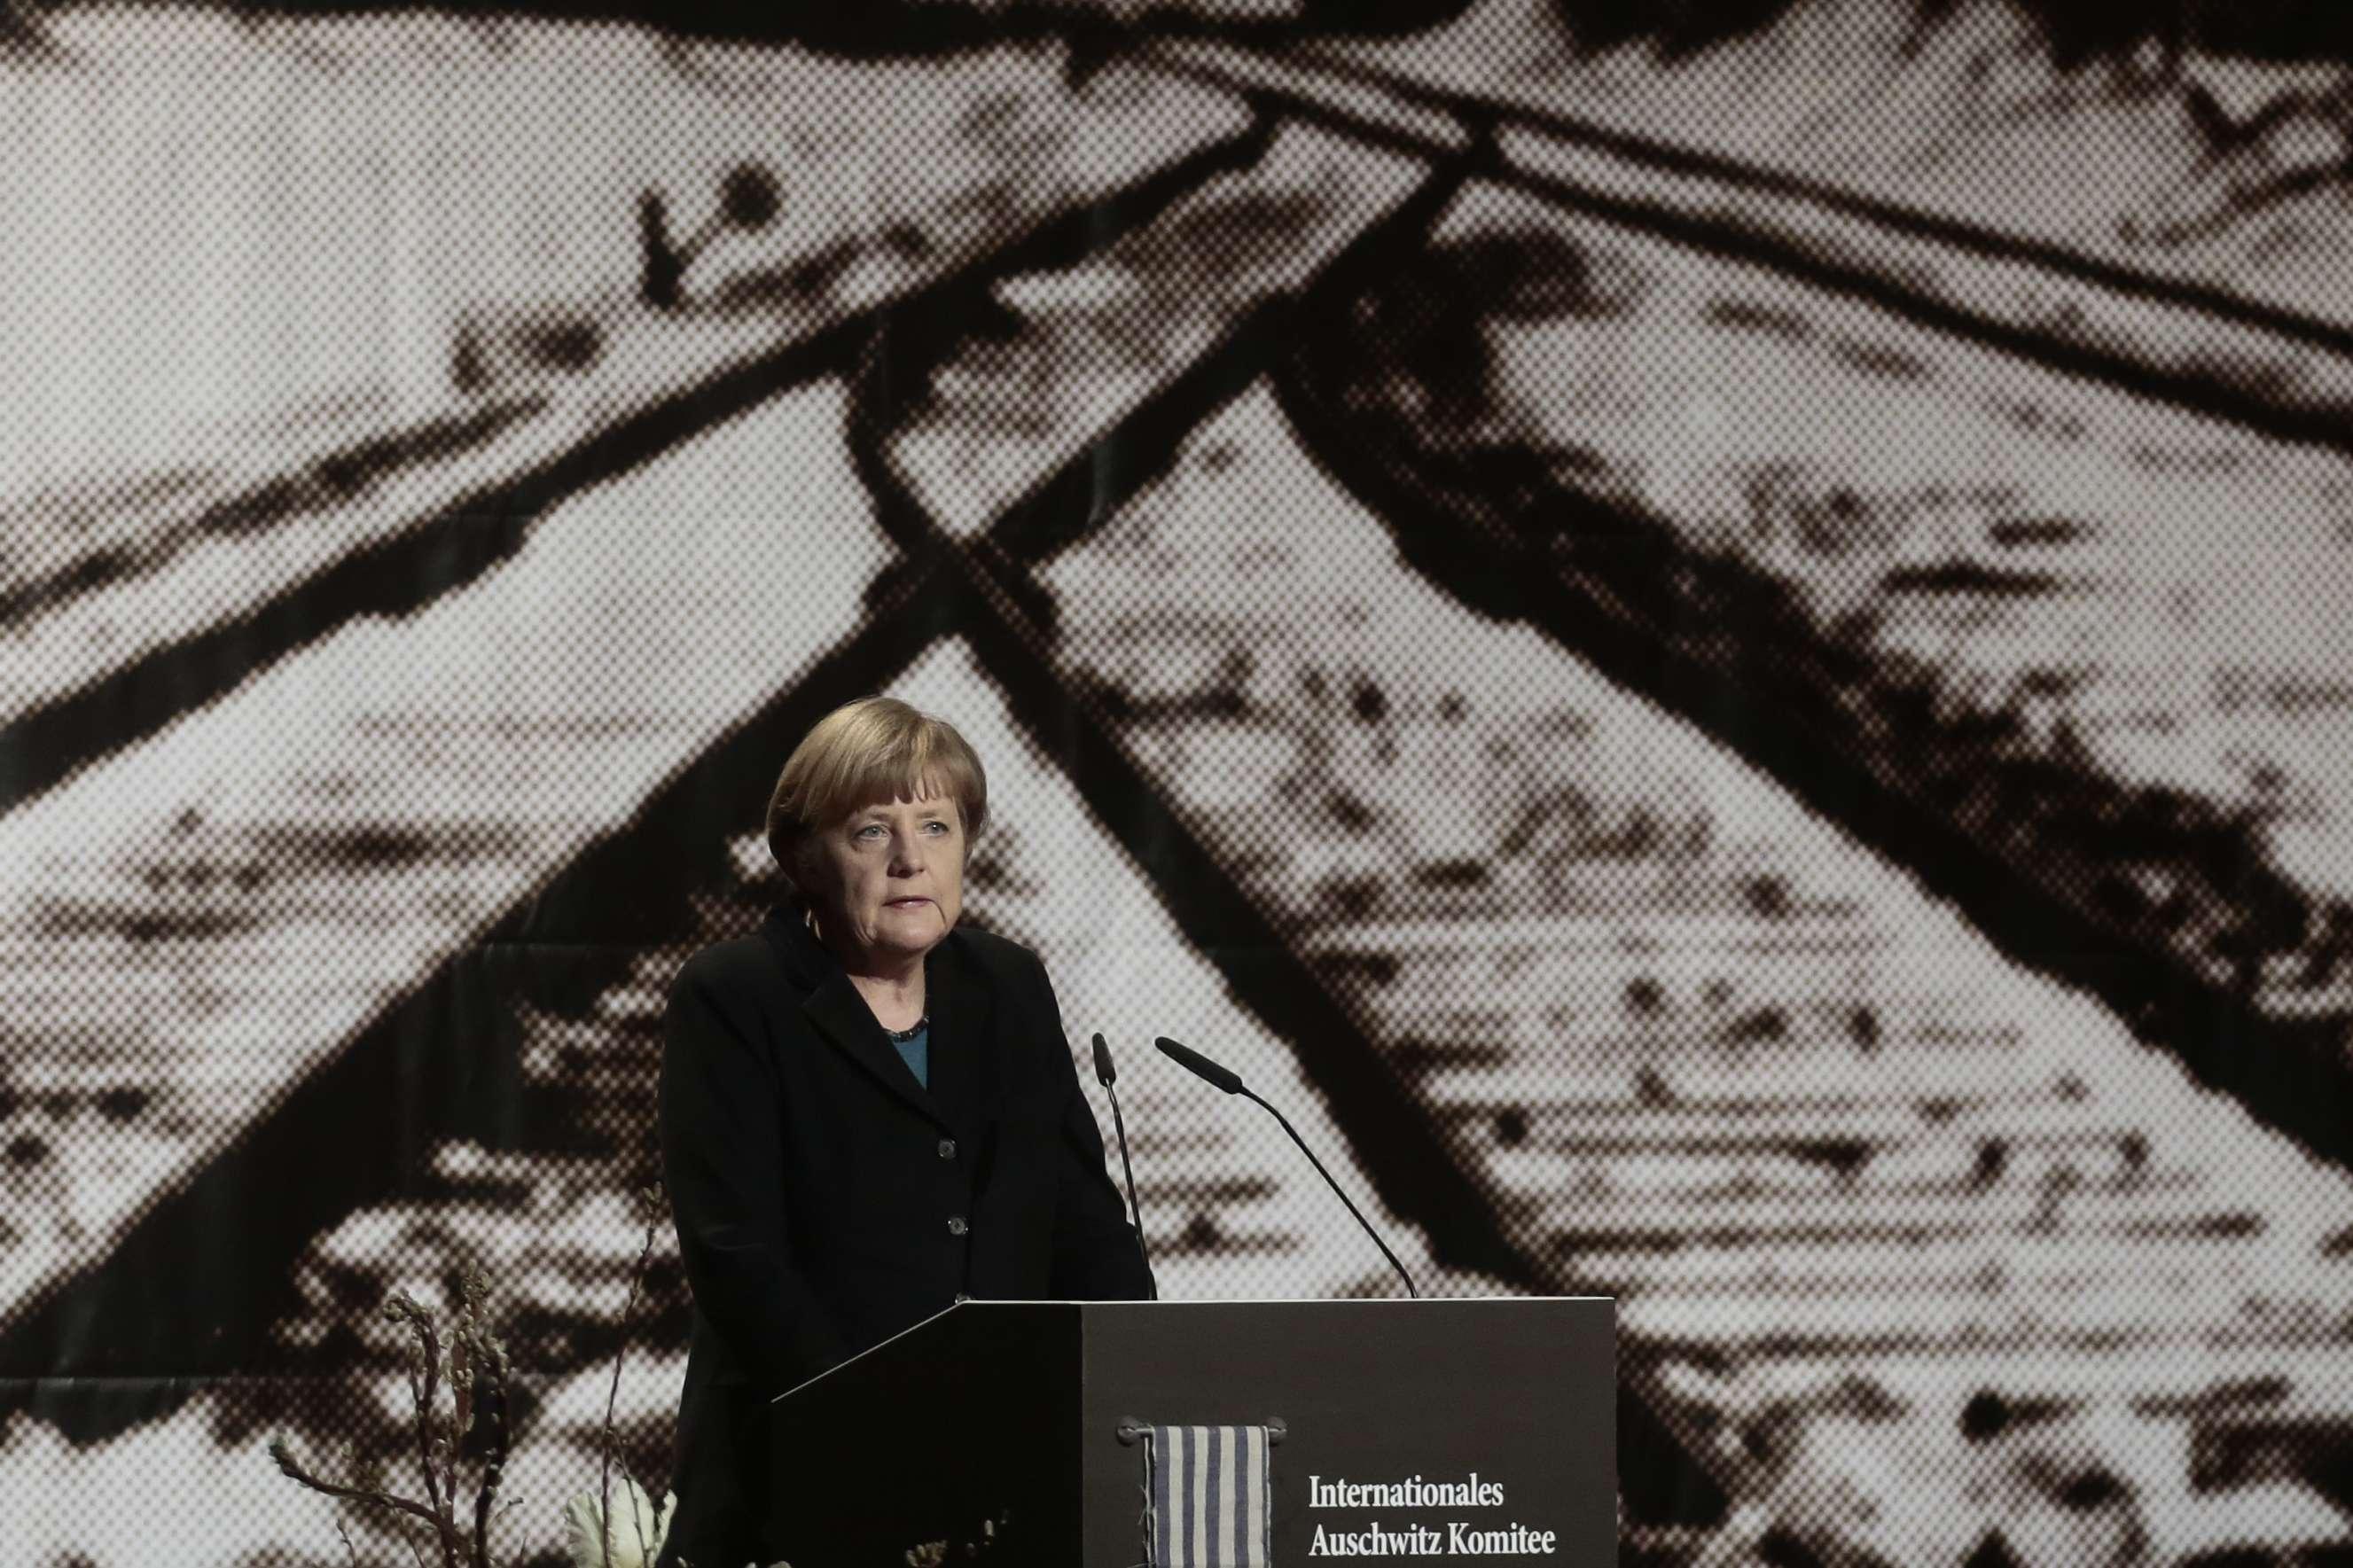 A chanceler alemã, Angela Merkel, discursa durante evento em comemoração ao 70º aniversário da libertação do campo de extermínio de Auschwitz, em Berlim, em 26 de janeiro Foto: Markus Schreiber/AP